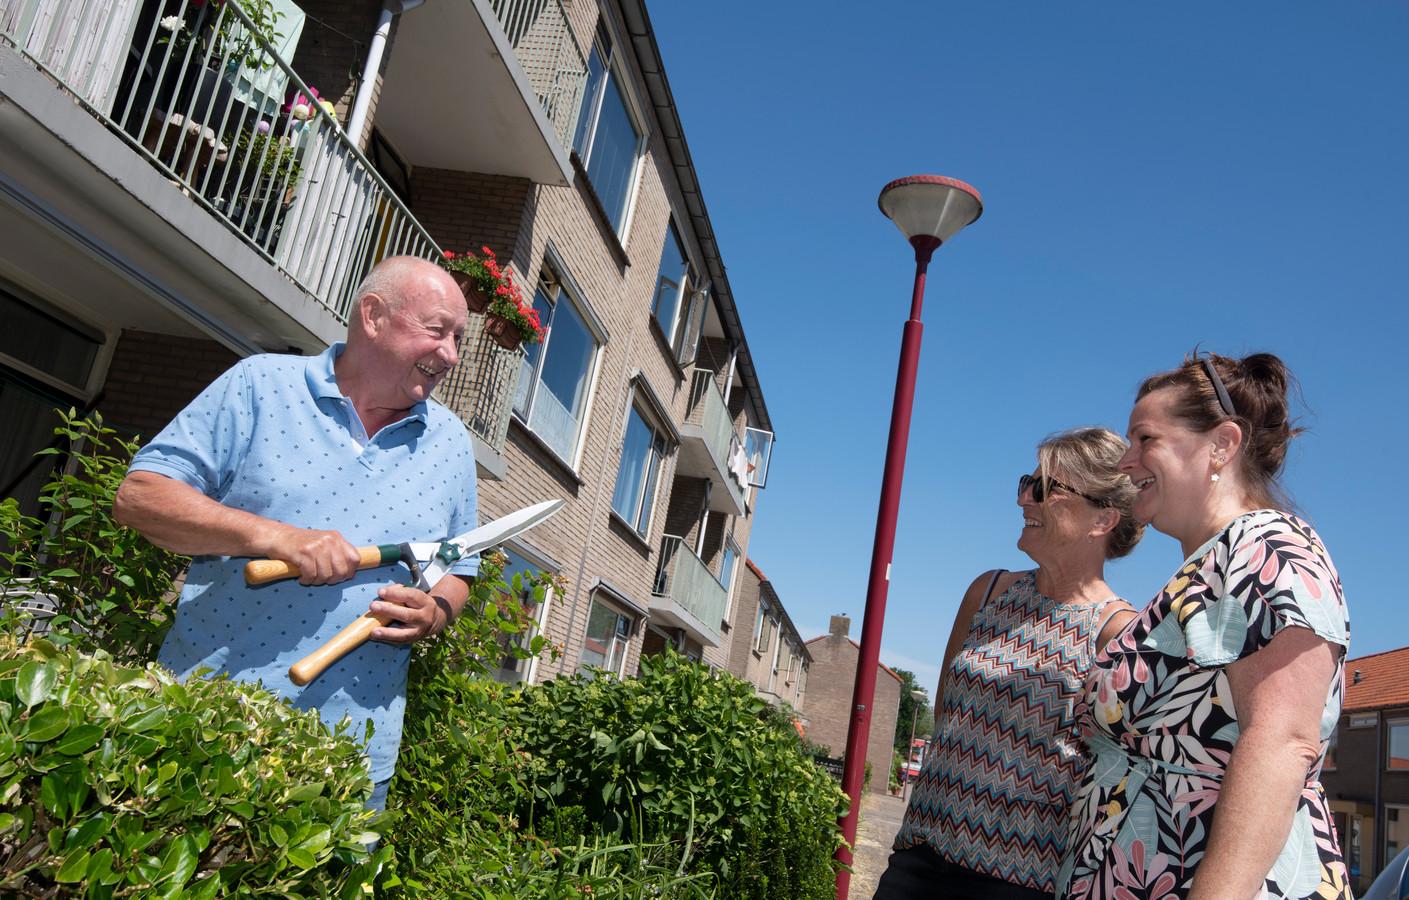 Henk van den Bosch voor zijn flat aan de Margrietstraat in Vreeswijk, in gesprek met twee bovenbuurvrouwen. Het flatcomplex wordt gesloopt en Van den Bosch moet wéér verhuizen.